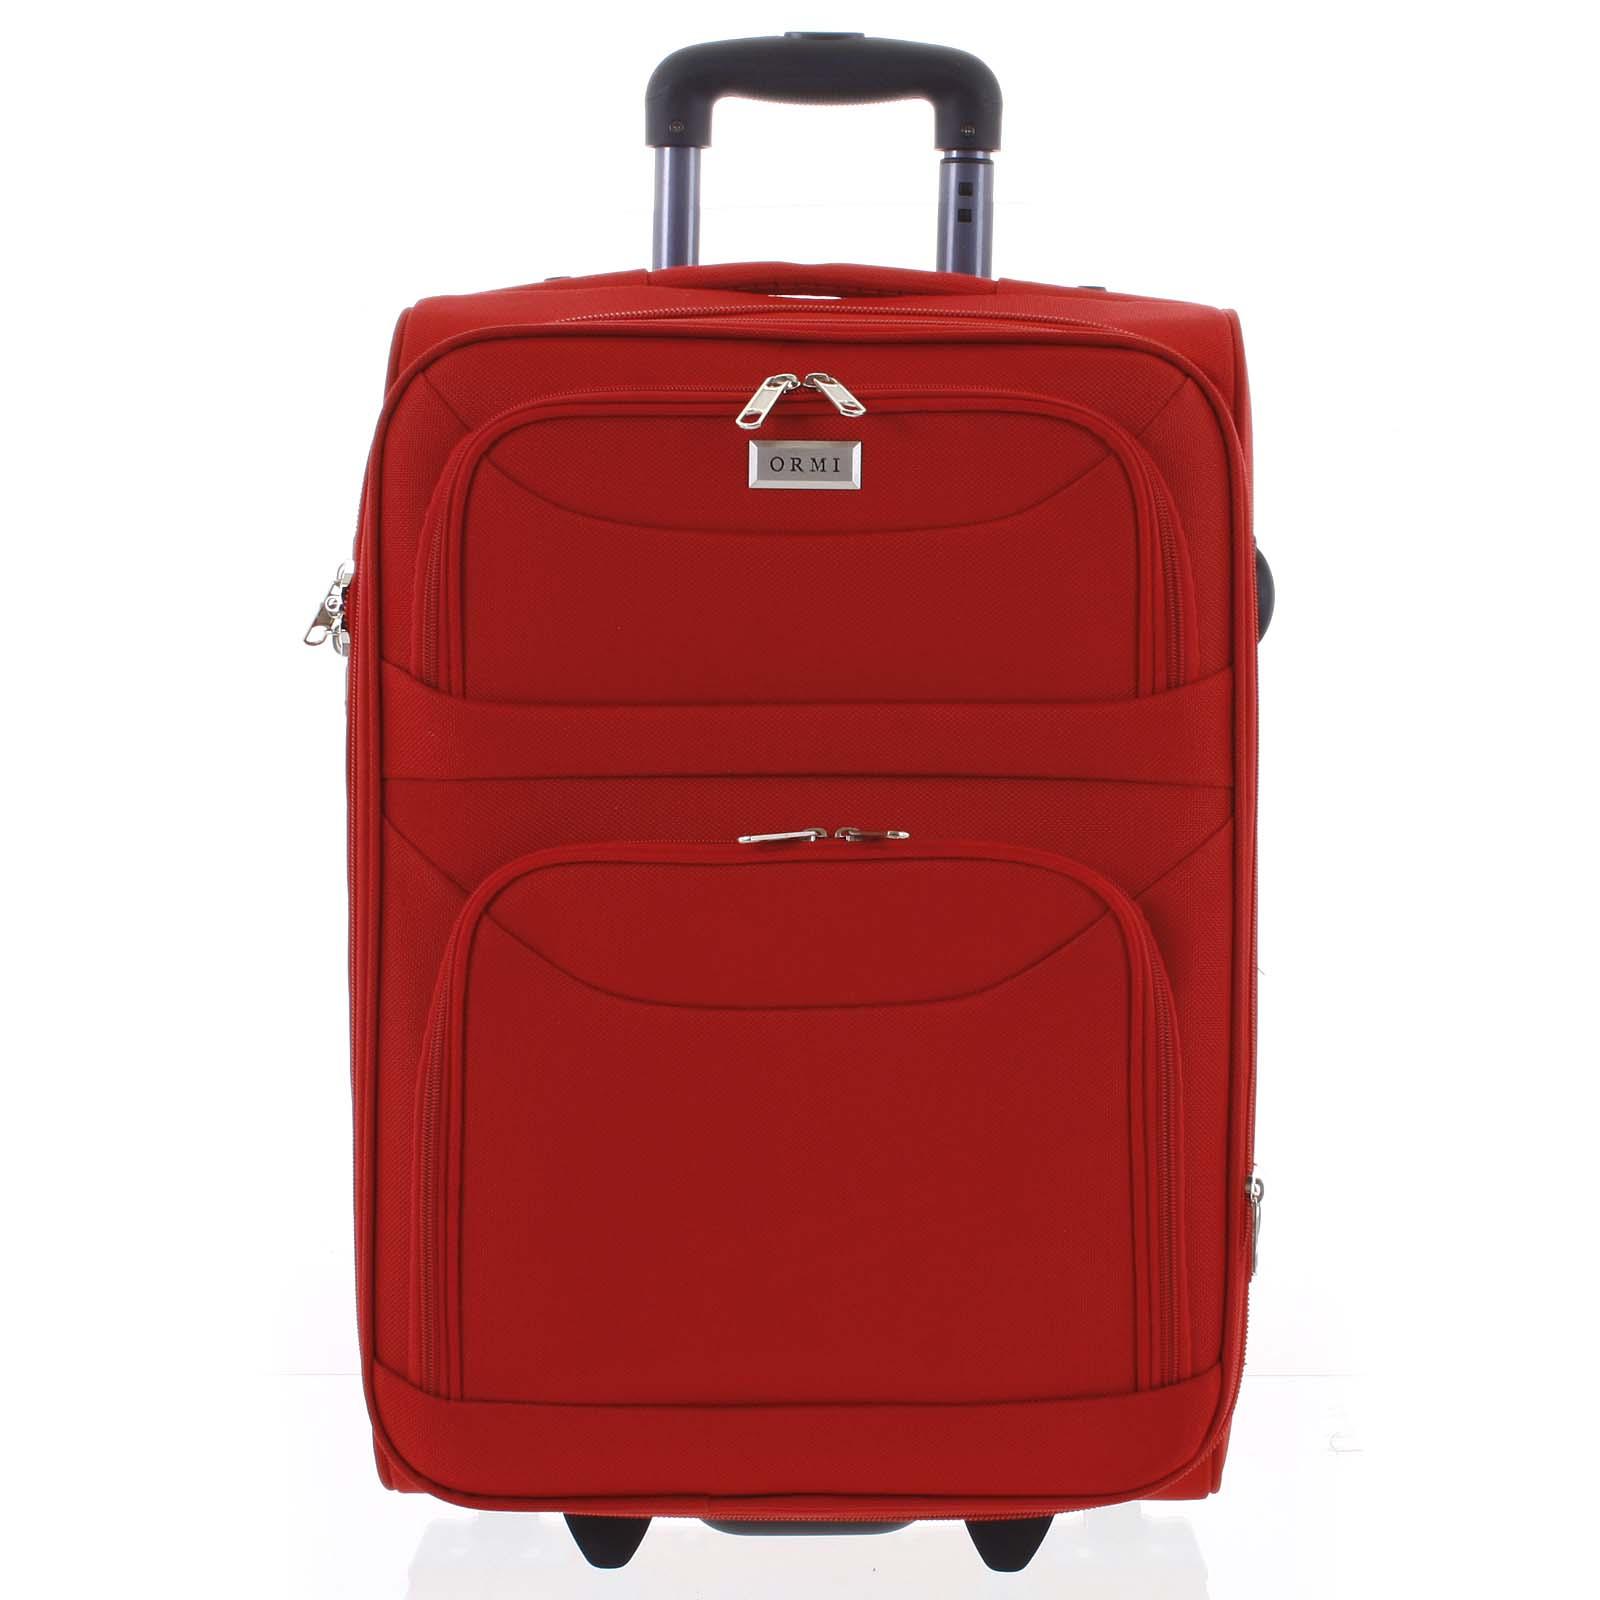 Klasický látkový červený cestovní kufr - Ormi Stof S